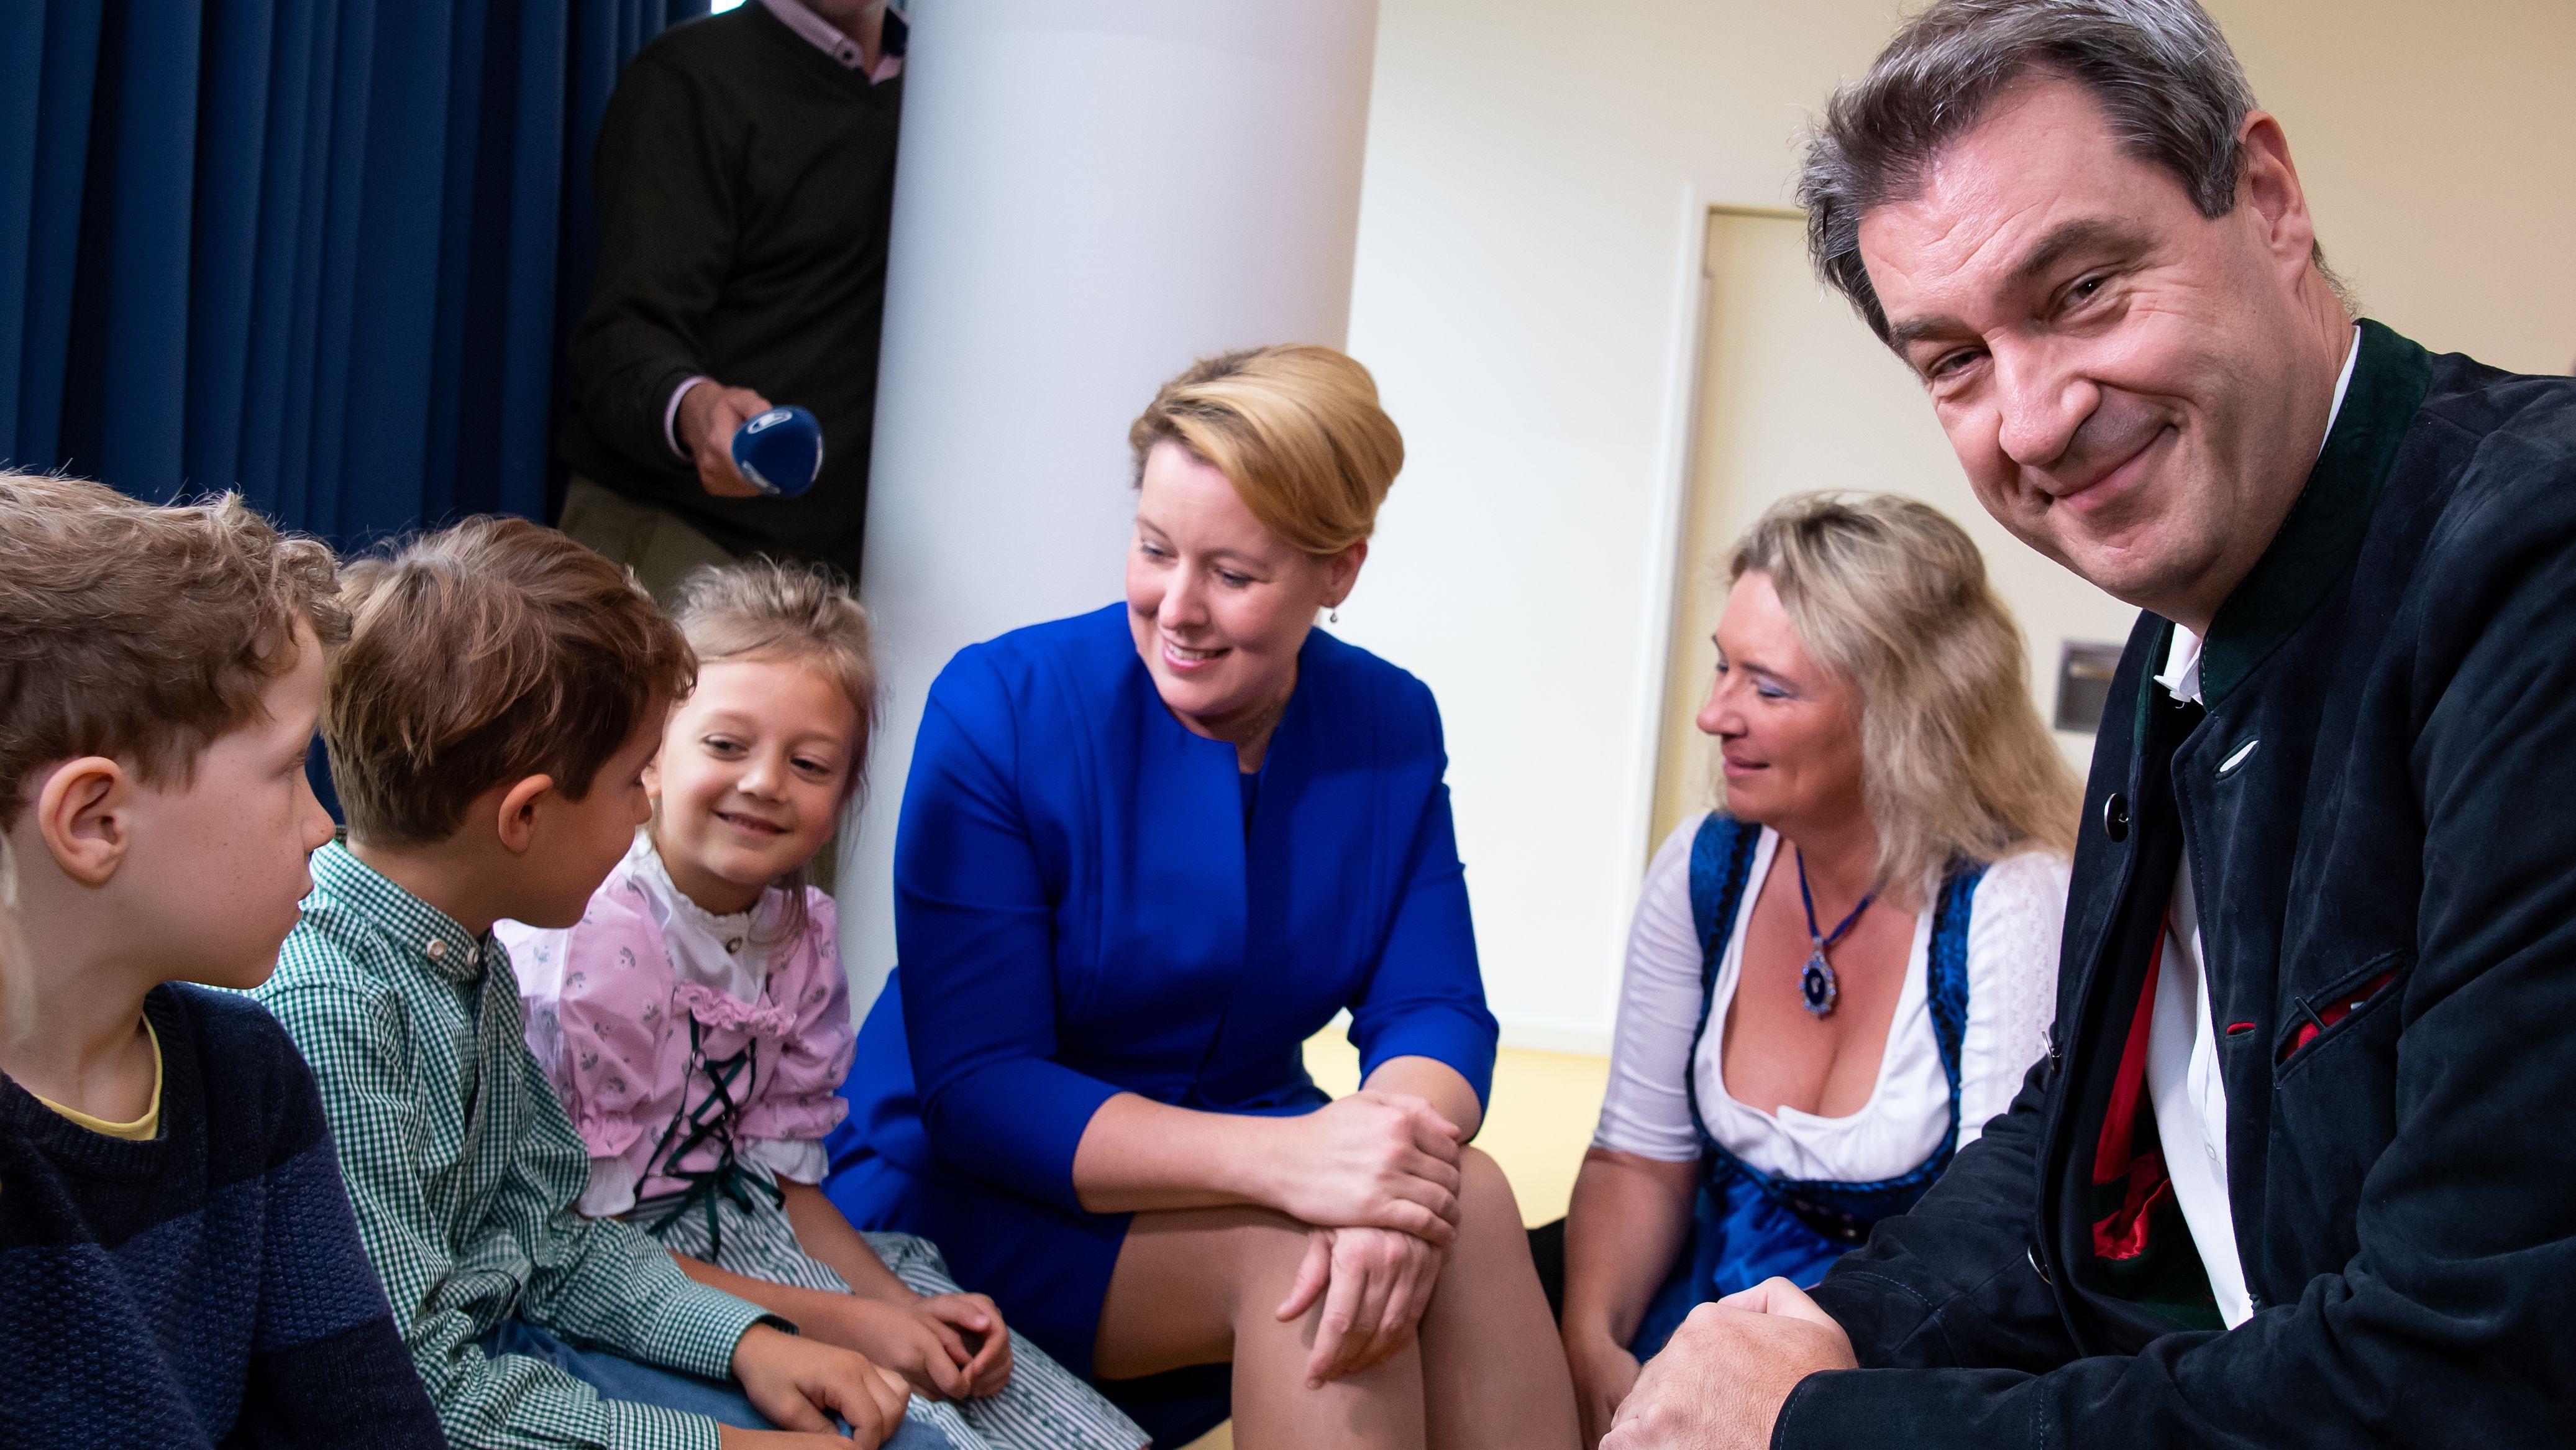 Bayerns Ministerpräsident Söder, Sozialministerin Schreyer und Bundesfamilienministerin Giffey (v .r.) im September 2019 in einer Münchner Kita